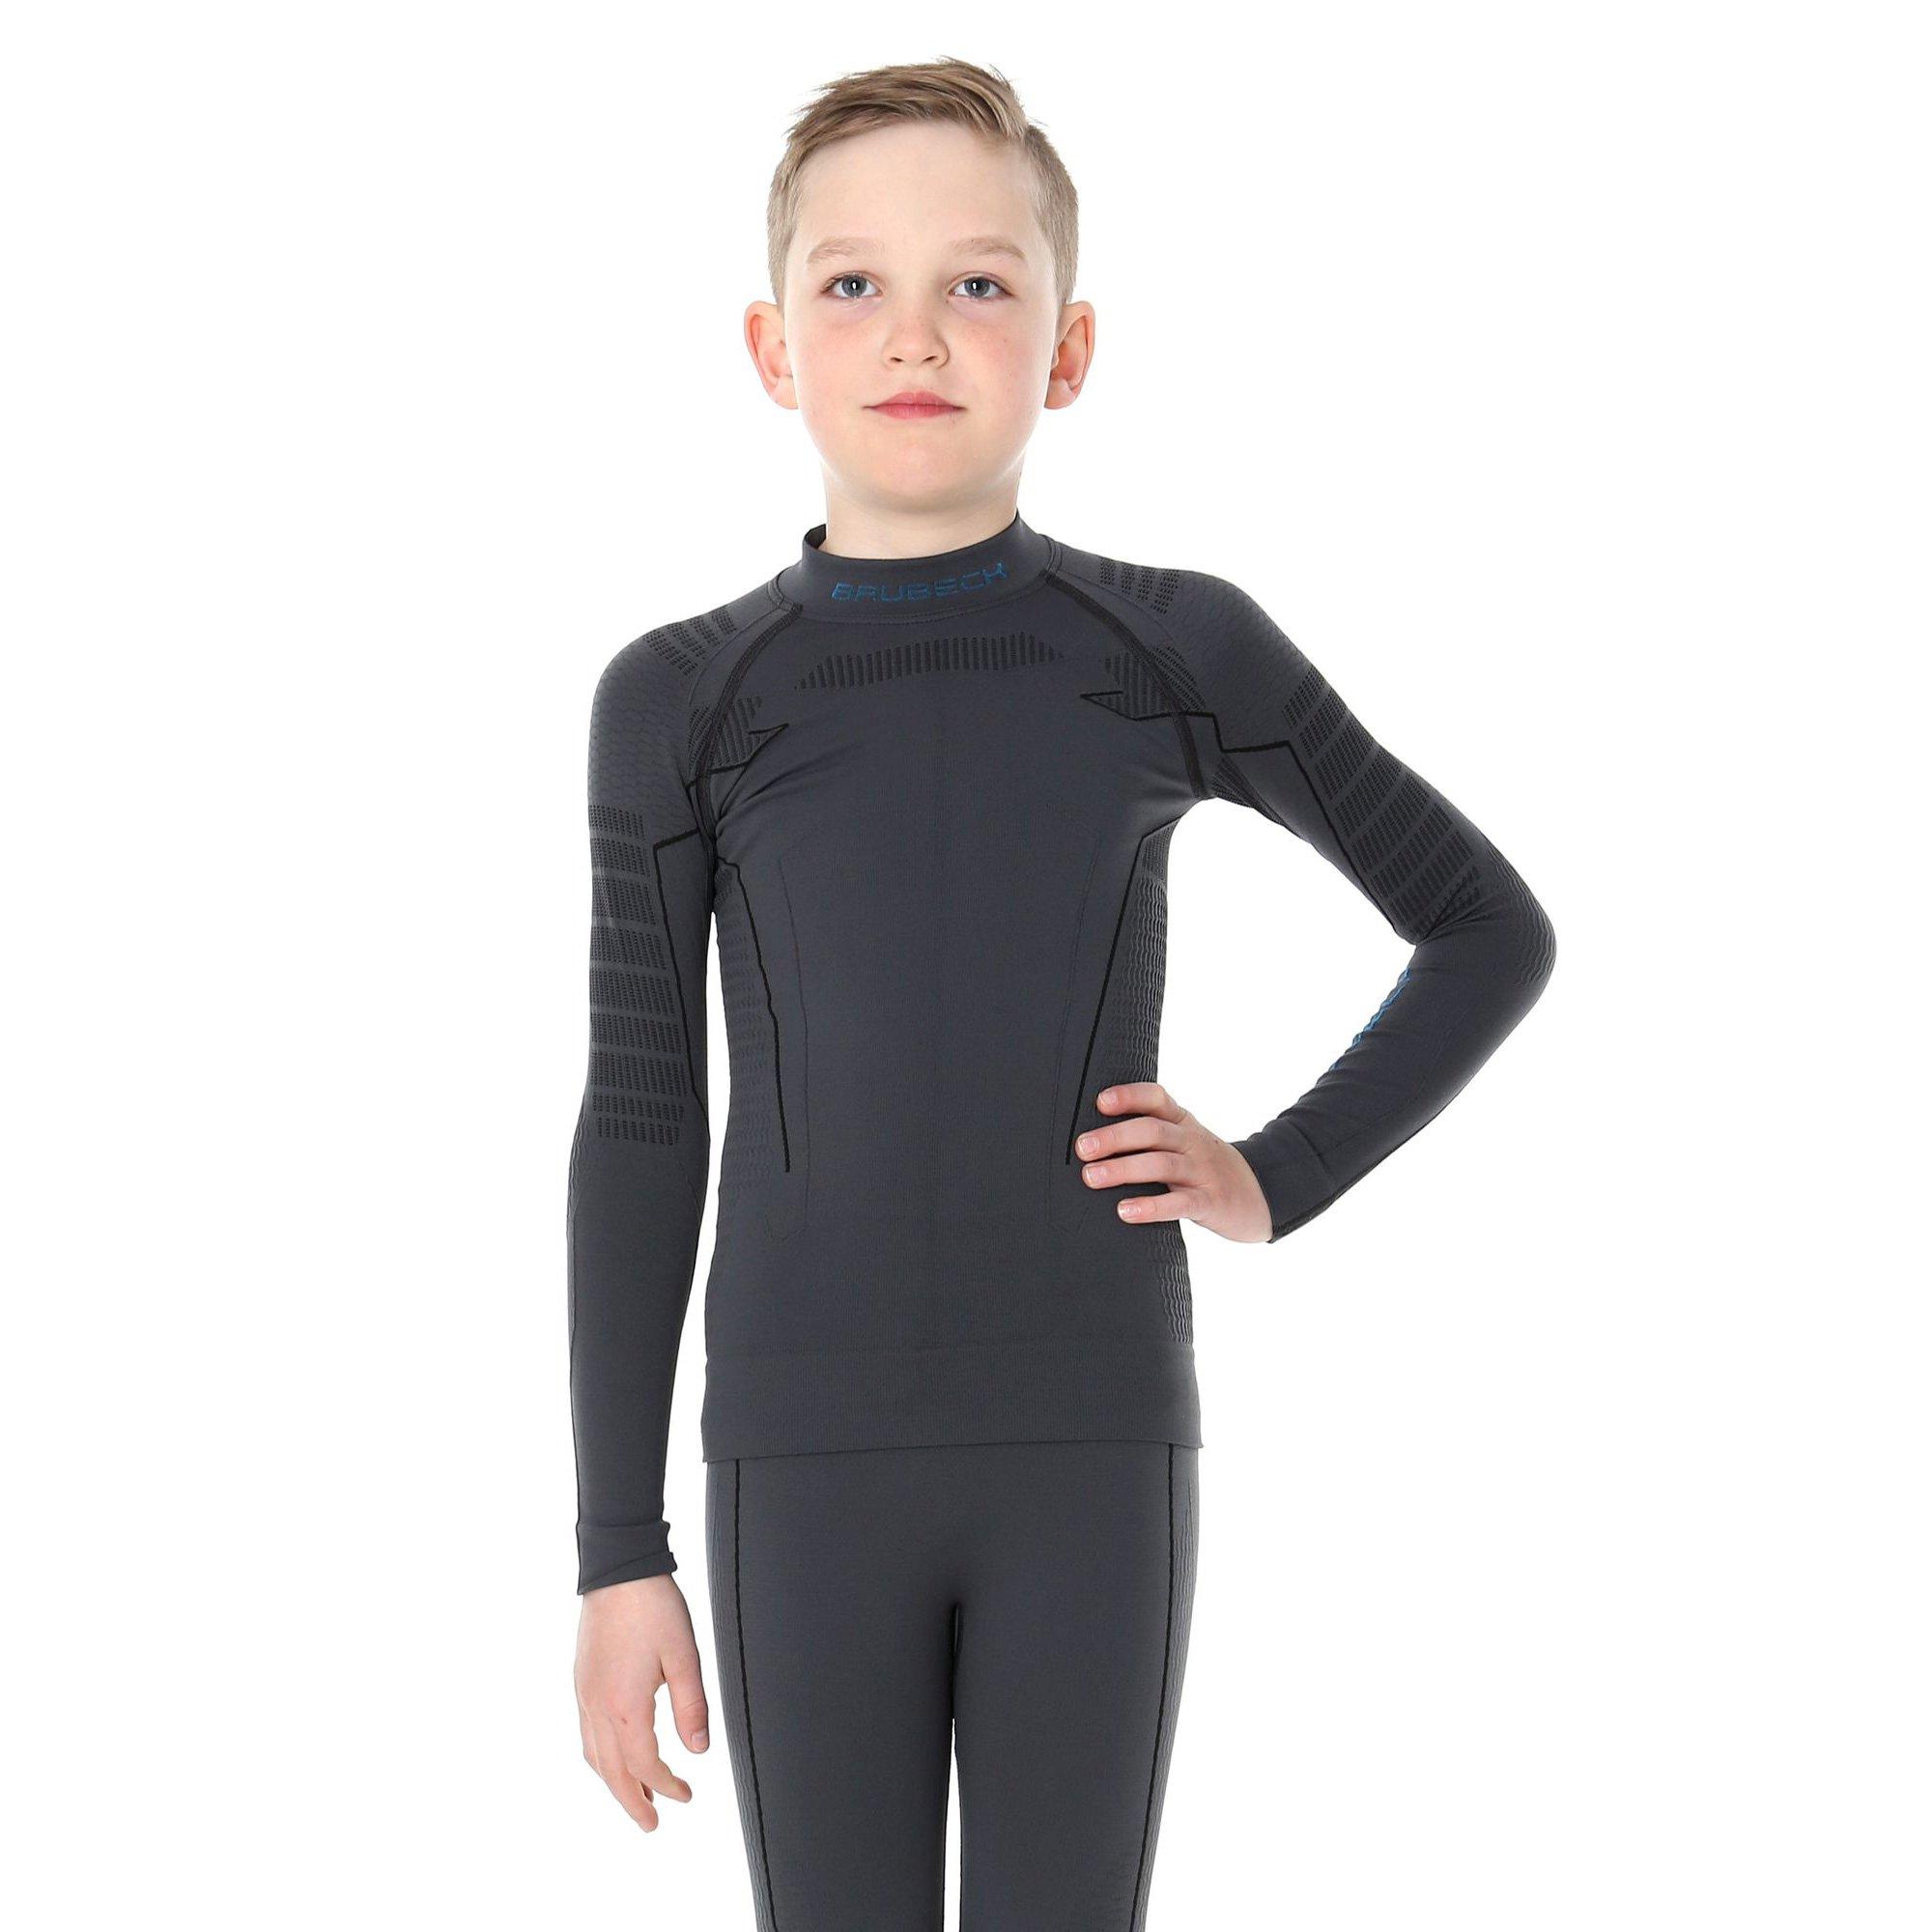 813d0456770401 ... Bluza chłopięca Brubeck THERMO Junior koszulka termoaktywna z długim  rękawem ...